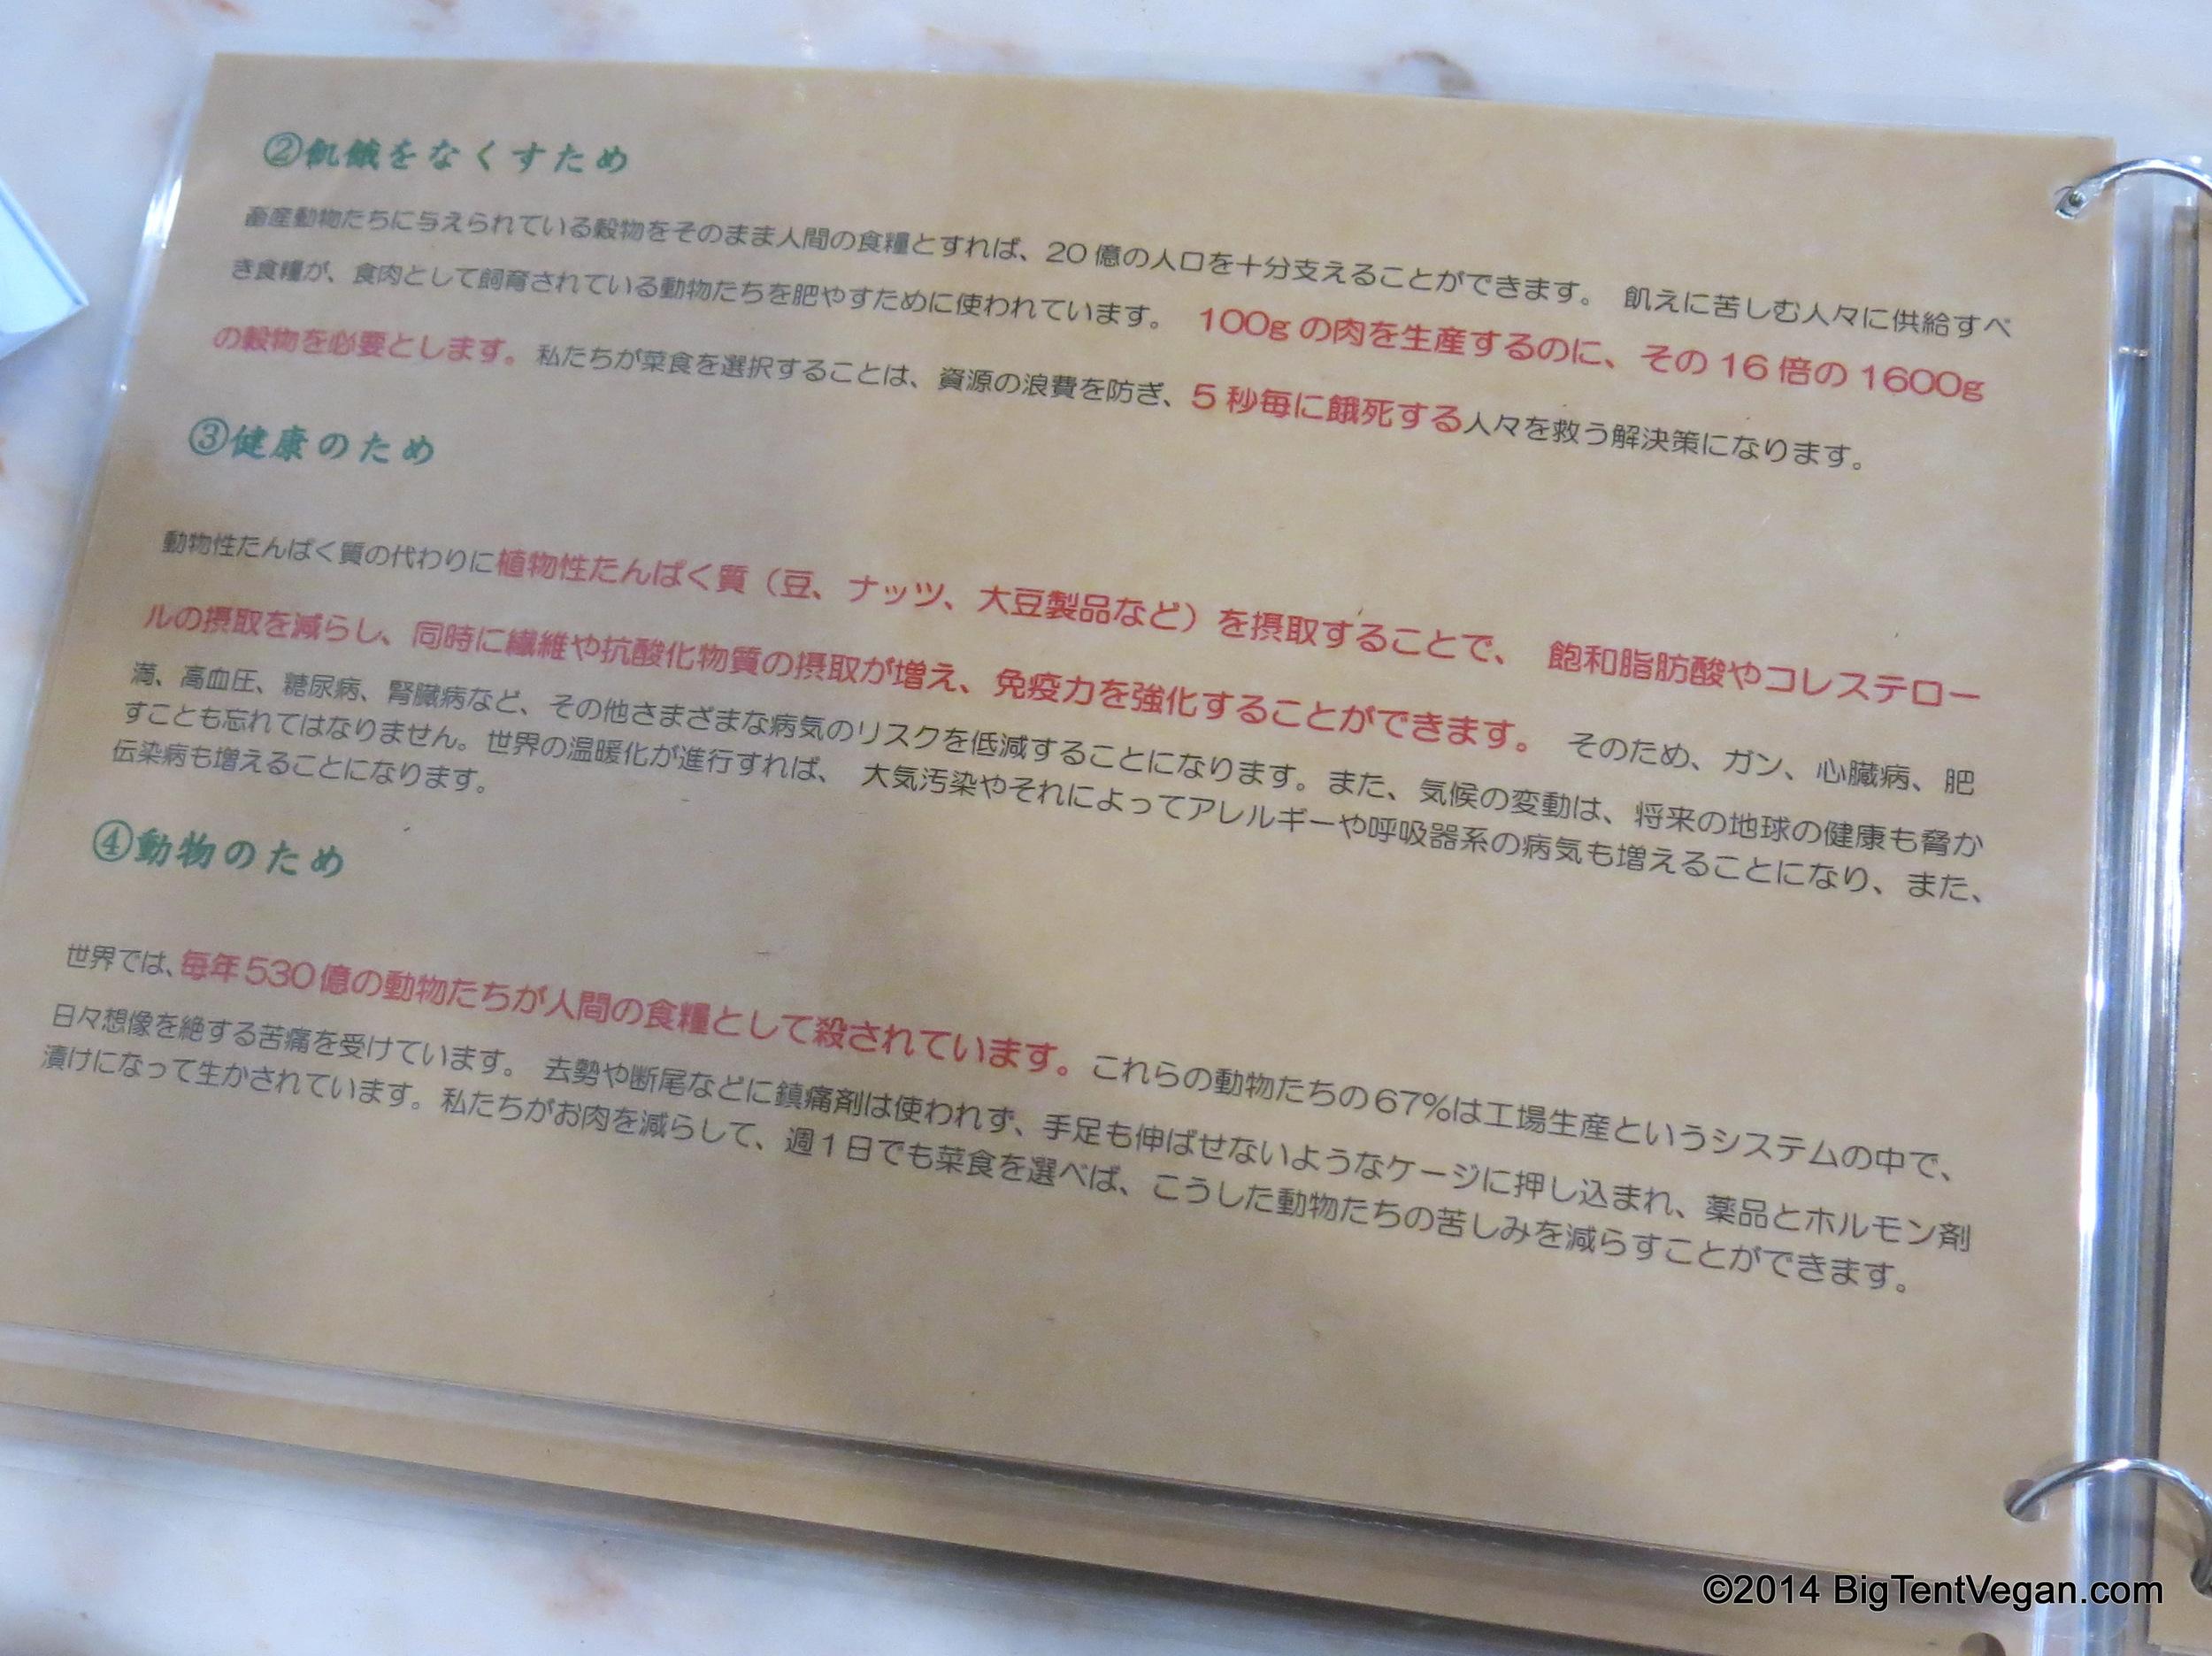 22 - Copy.JPG